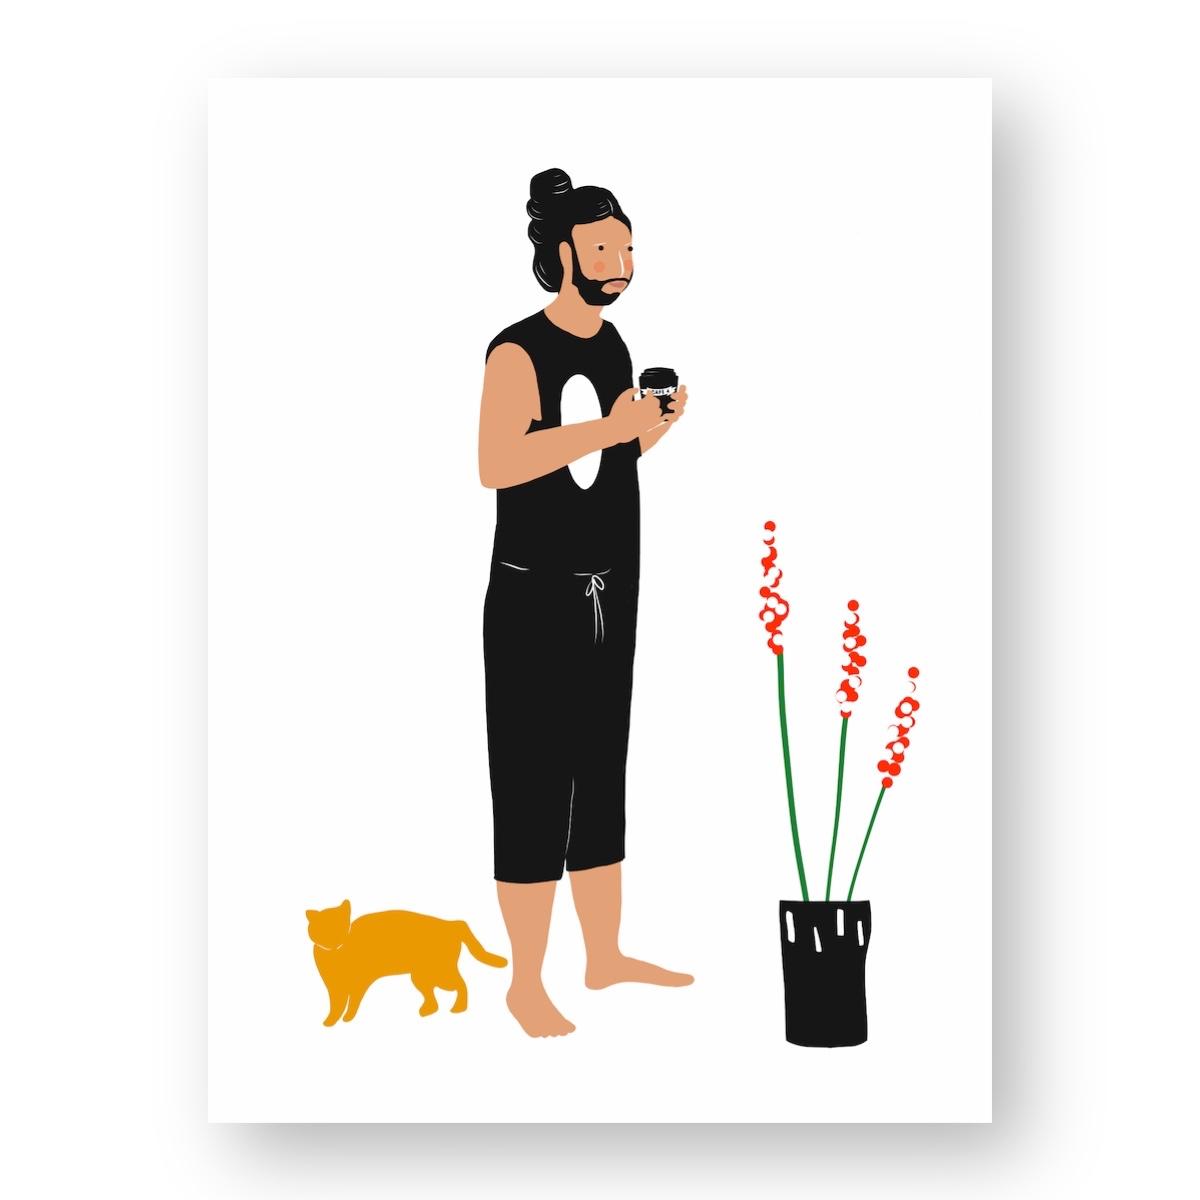 """גבר מחזיק כוס קפה ׳לקחת׳ - מתוך """"החיים יפים"""", הסדרה האופטימית"""